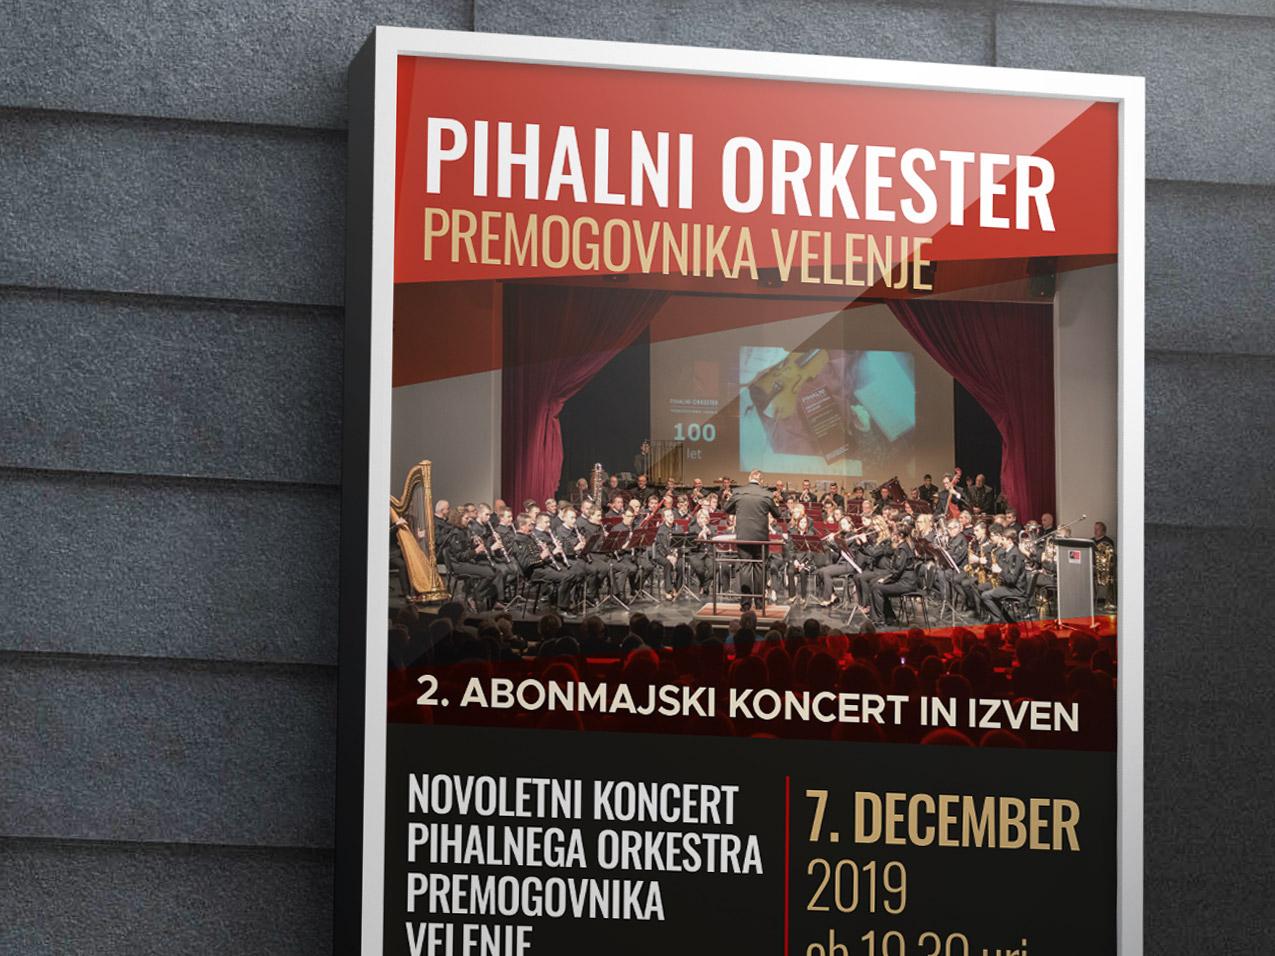 Pihalni orkester premogovnika Velenje - Plakat